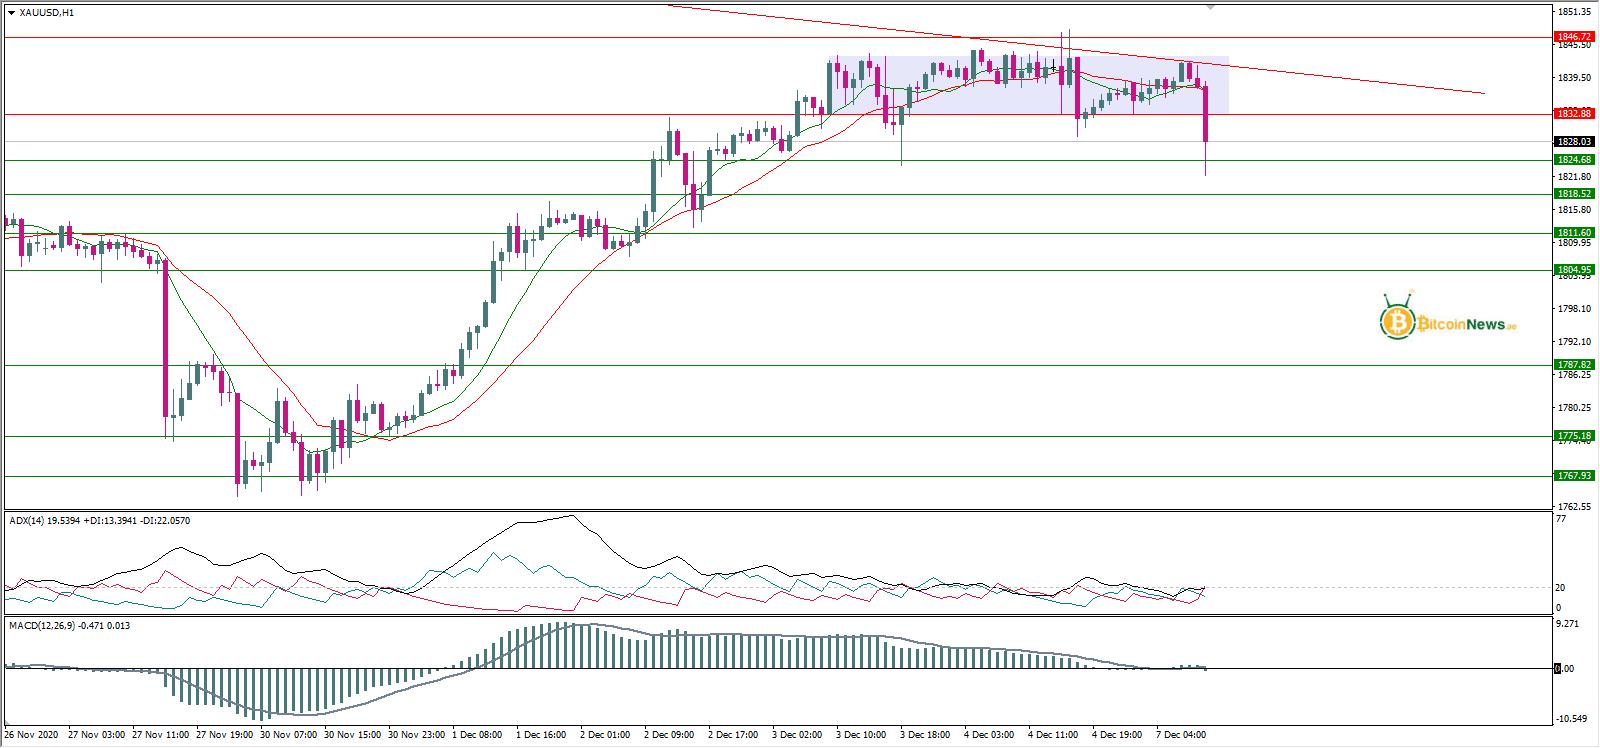 توقعات أسعار الذهب اليوم 07 ديسمبر | تحليل أسعار الذهب ...